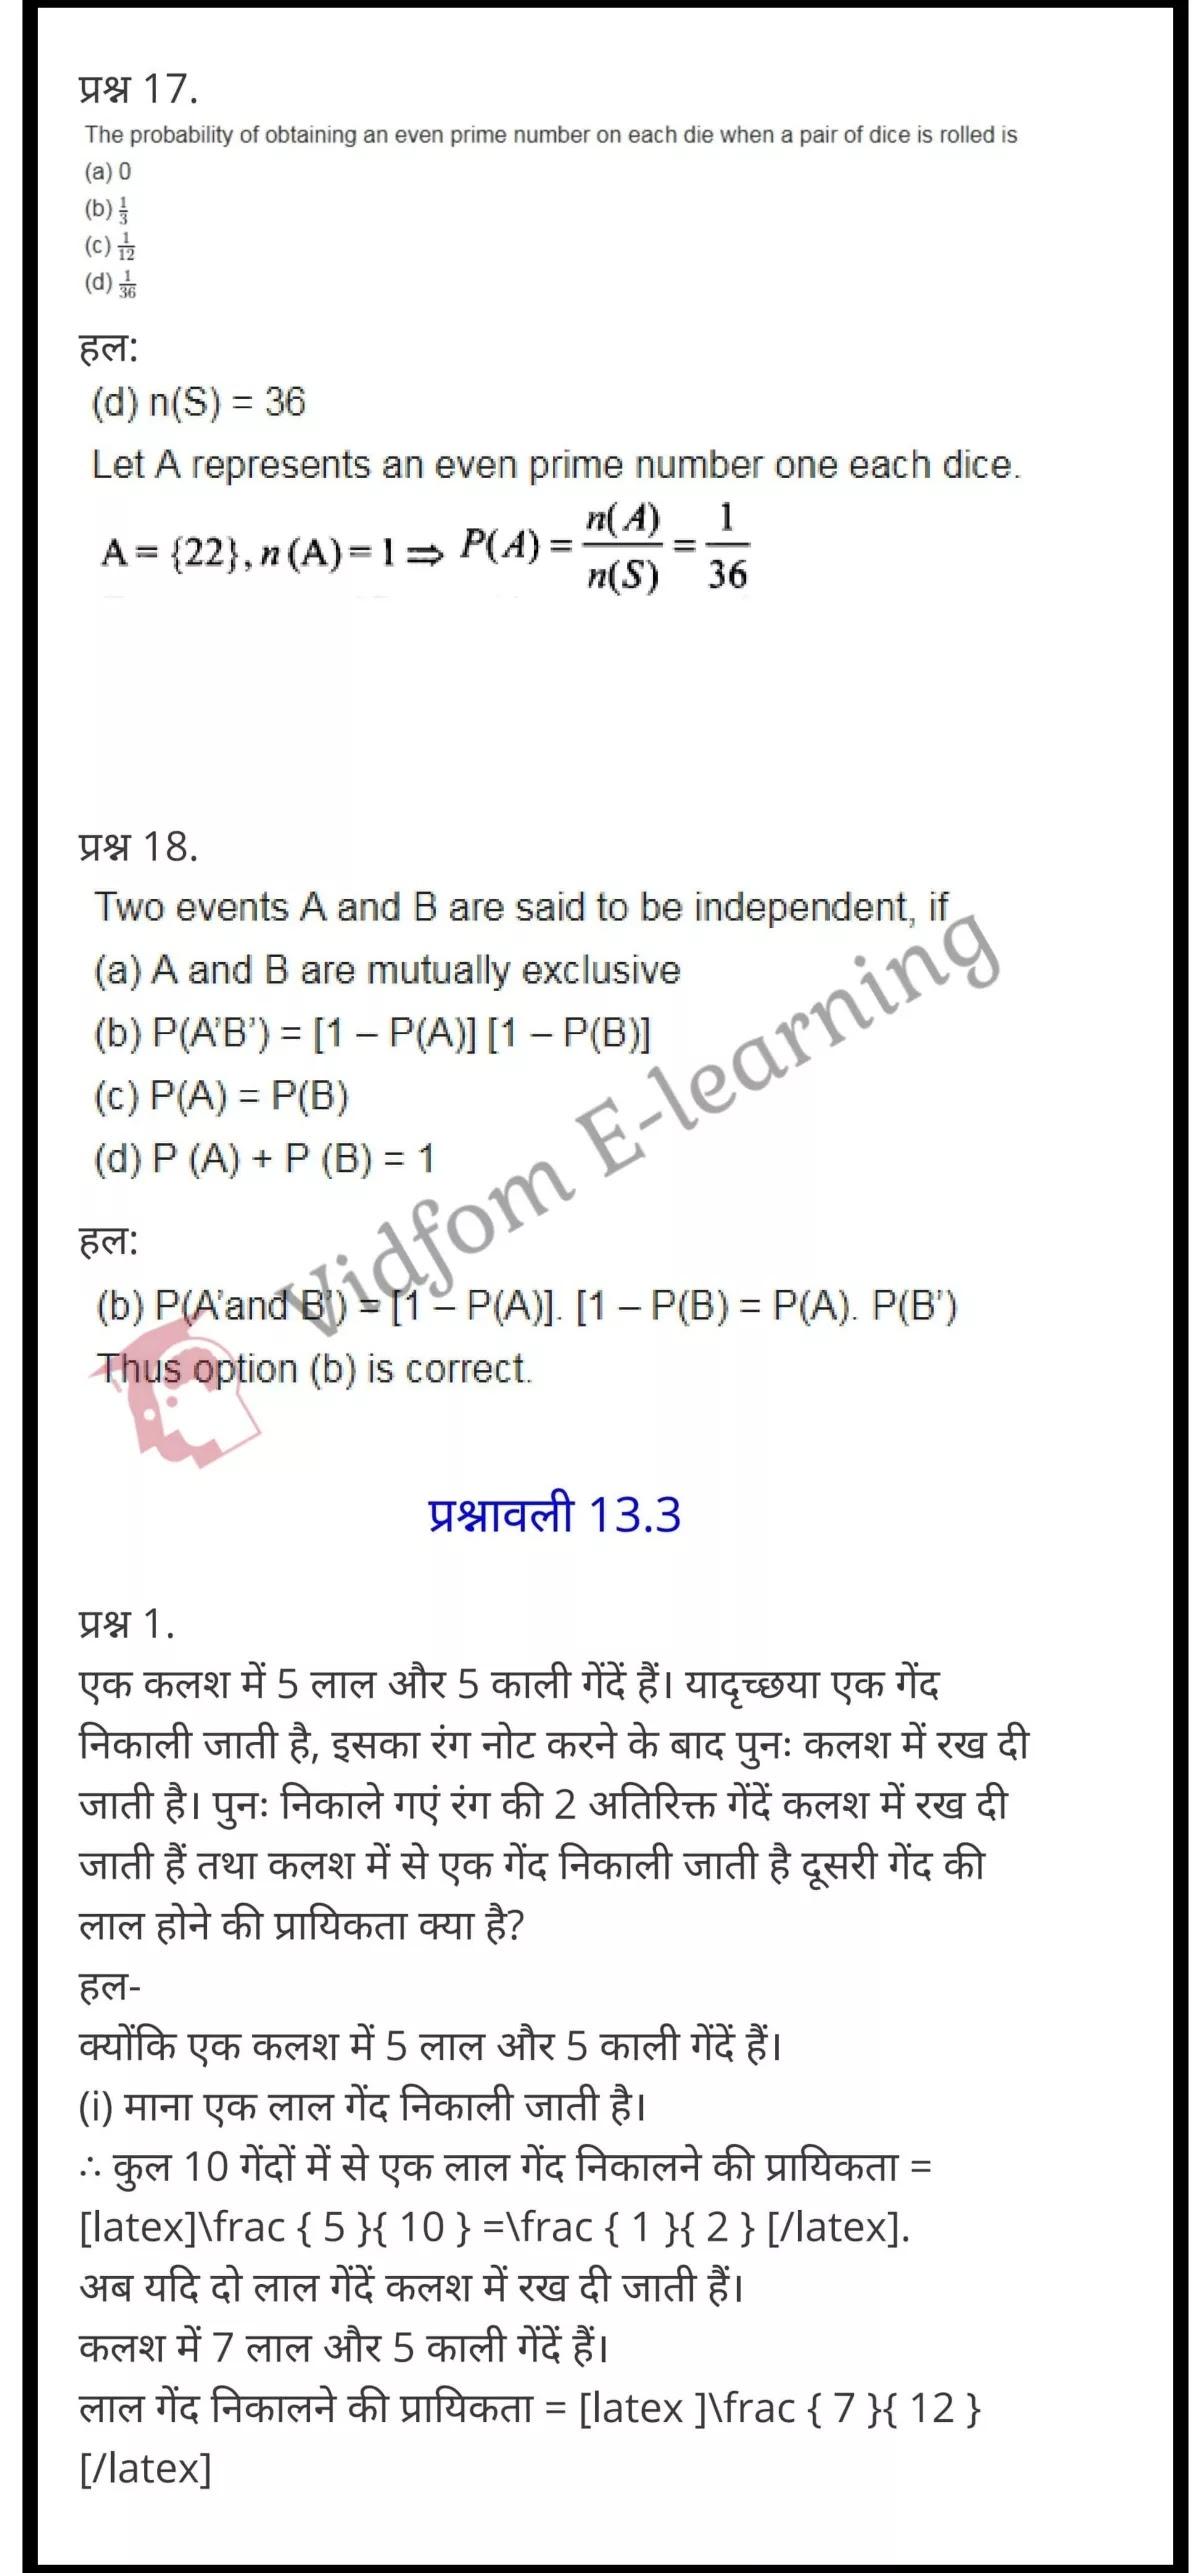 class 12 maths chapter 13 light hindi medium 18